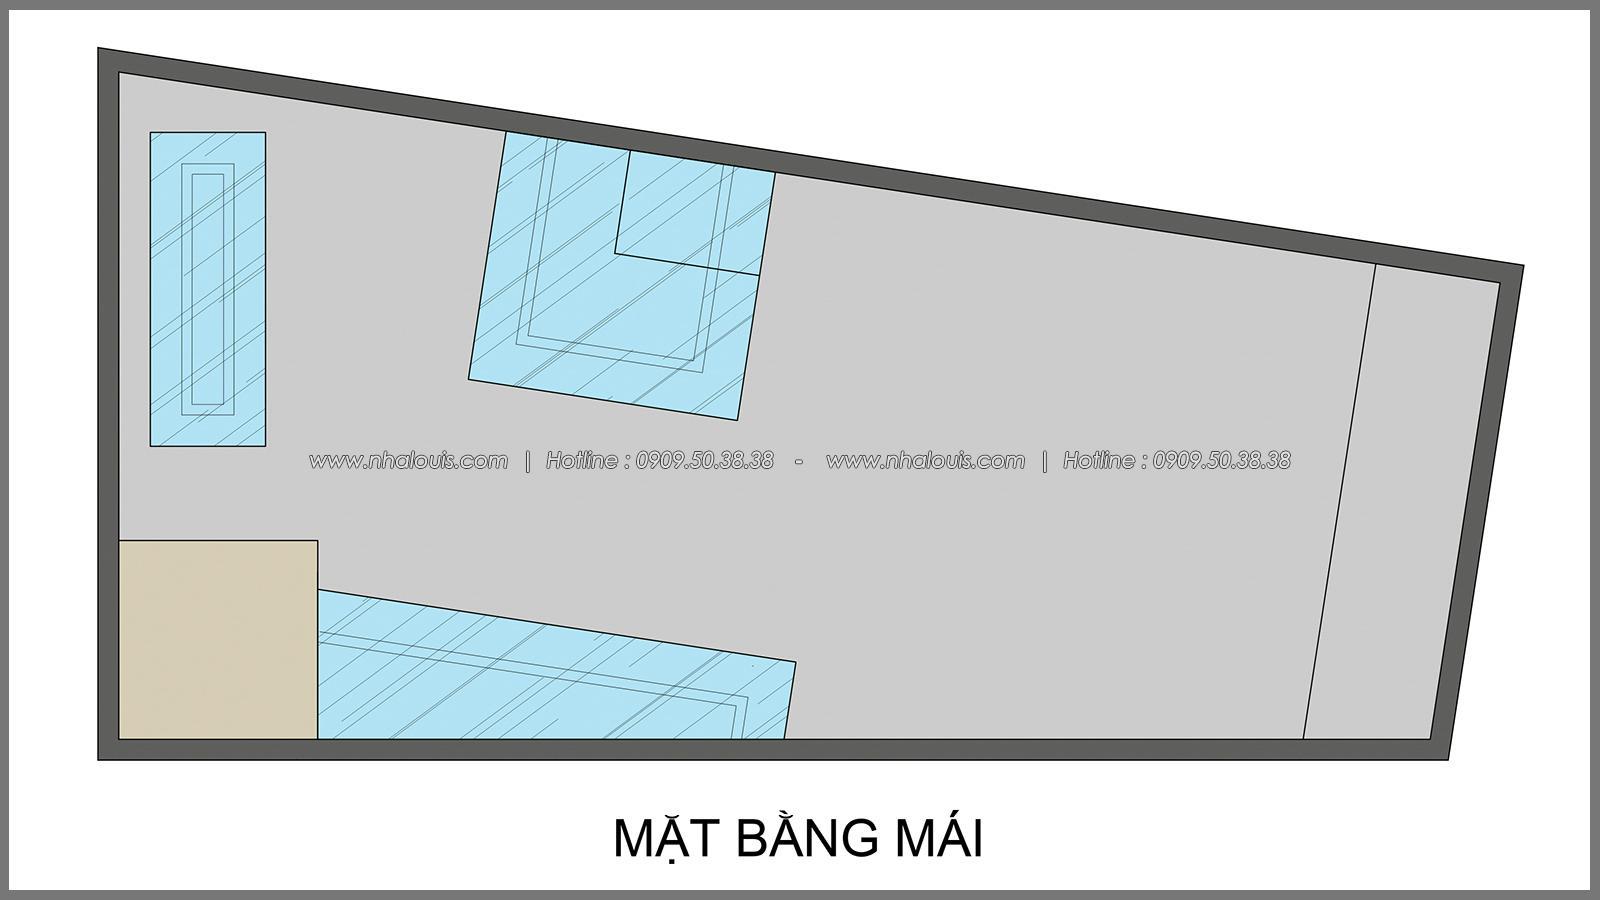 Thi công xây dựng nhà phố 5 tầng kết hợp văn phòng cho thuê ở Quận 1 - 08